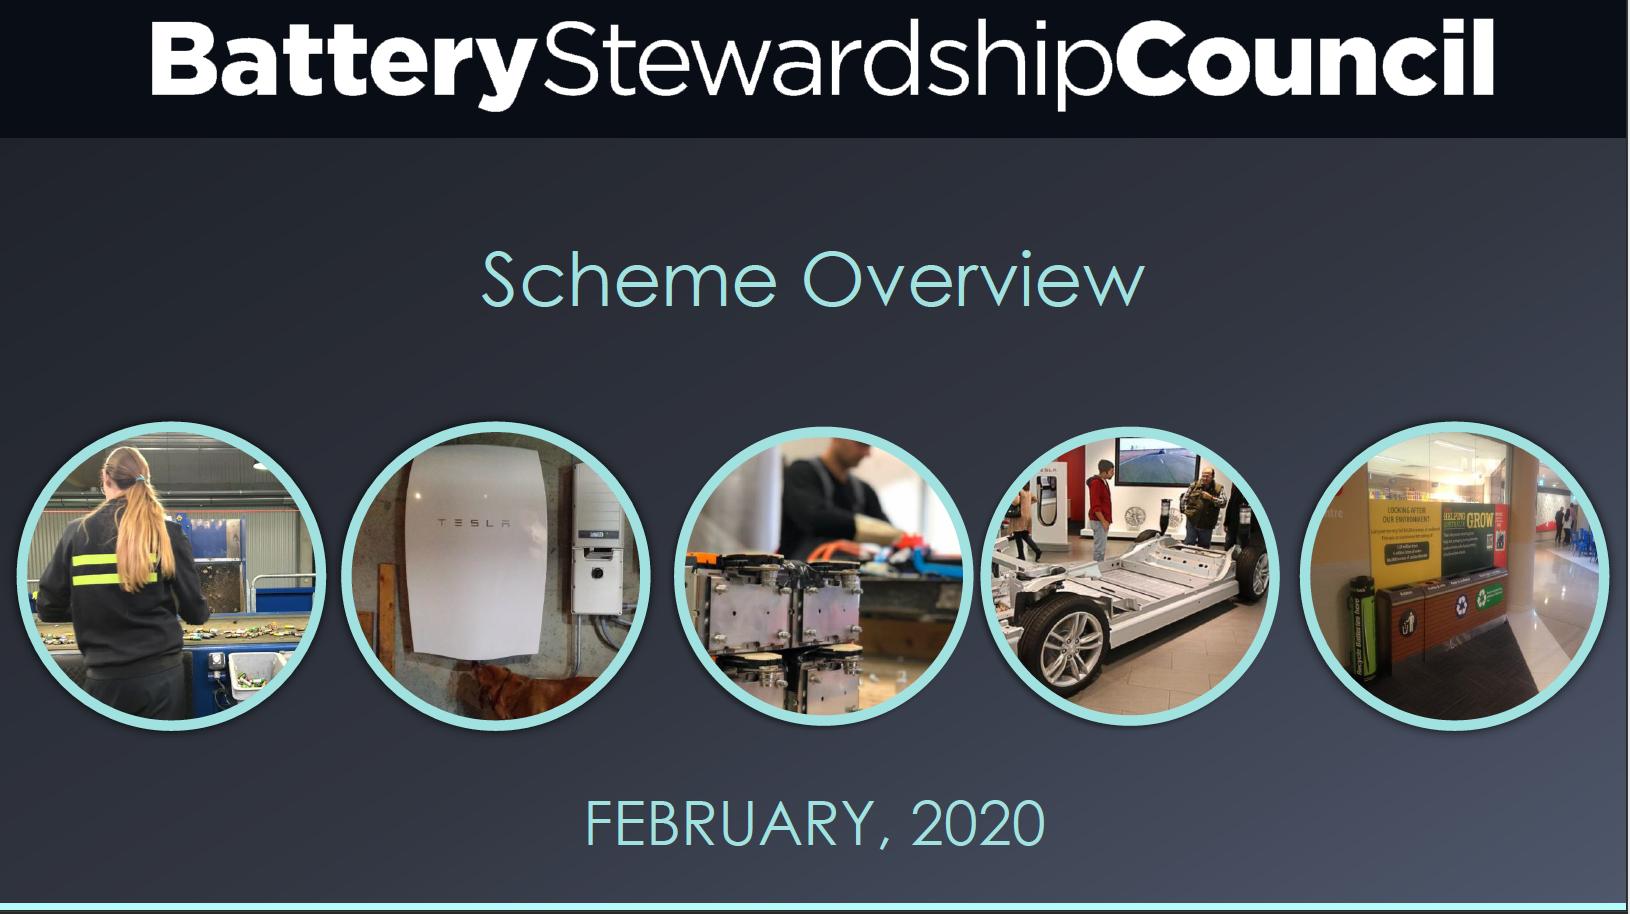 Overview of Scheme Design Feb 2020